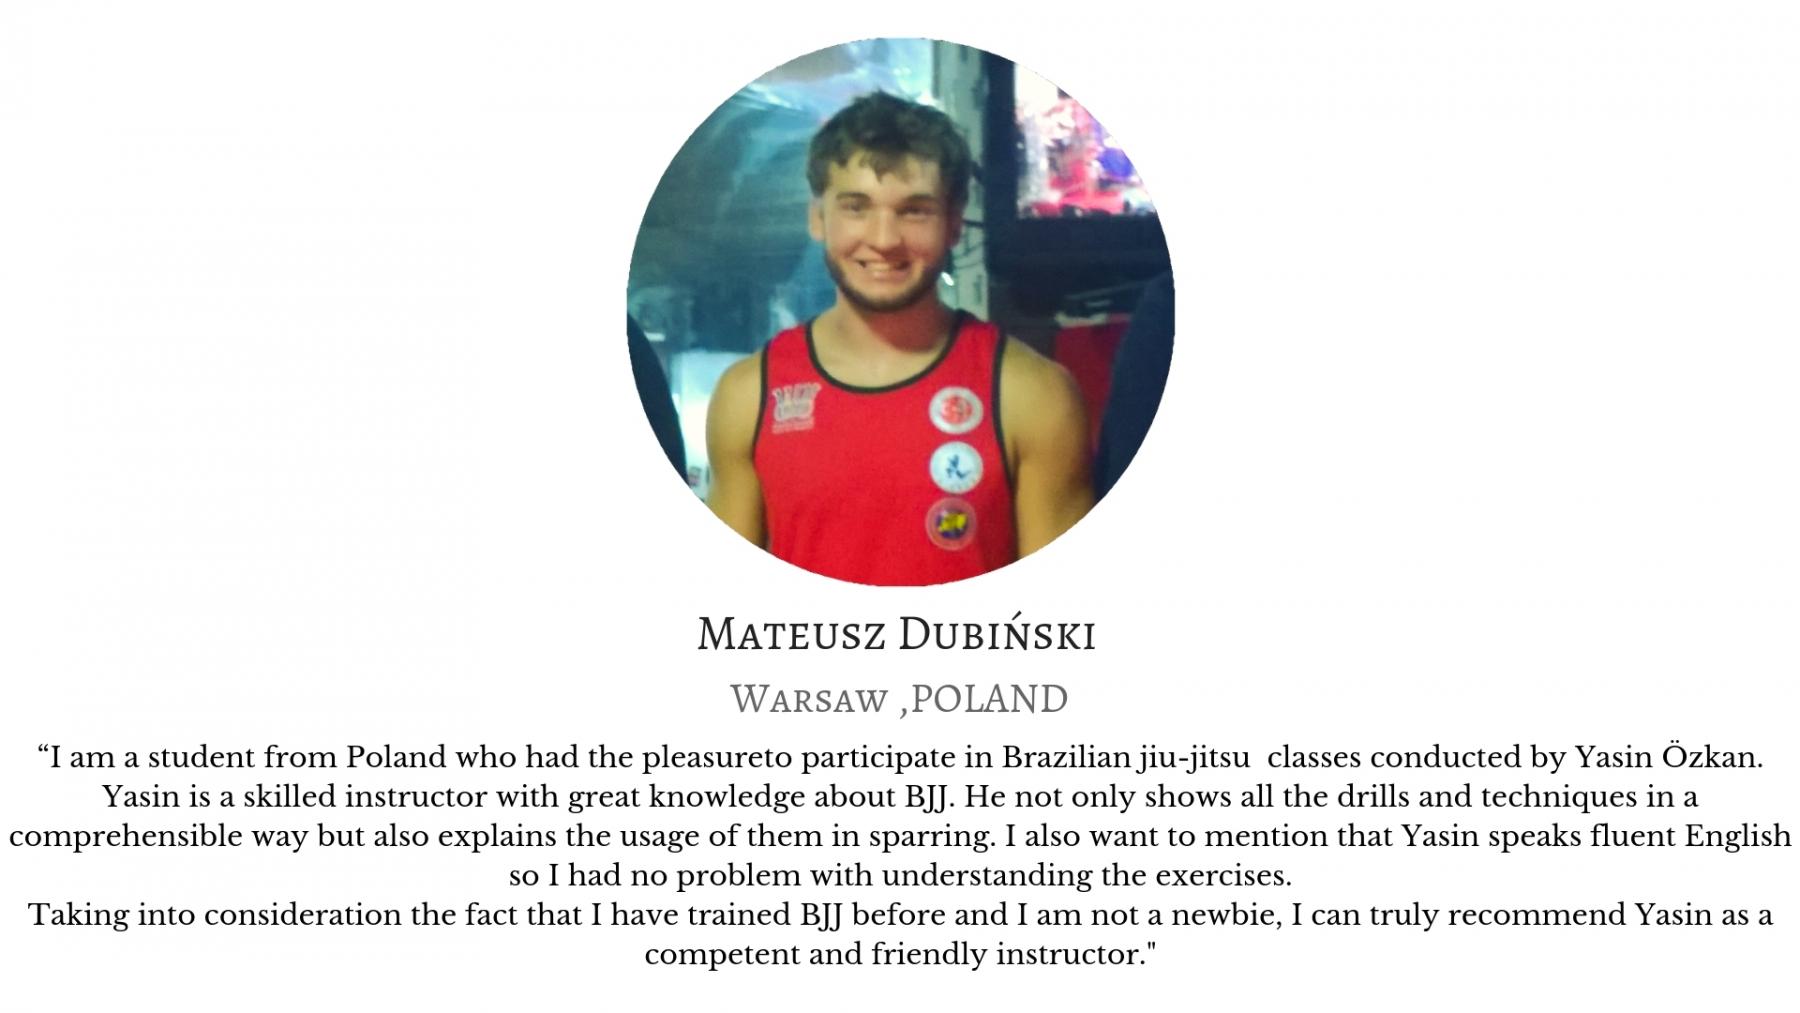 Mateus Dubinski yasin ozkan mma bjj izmir jiujitsu muay thai fitness pt